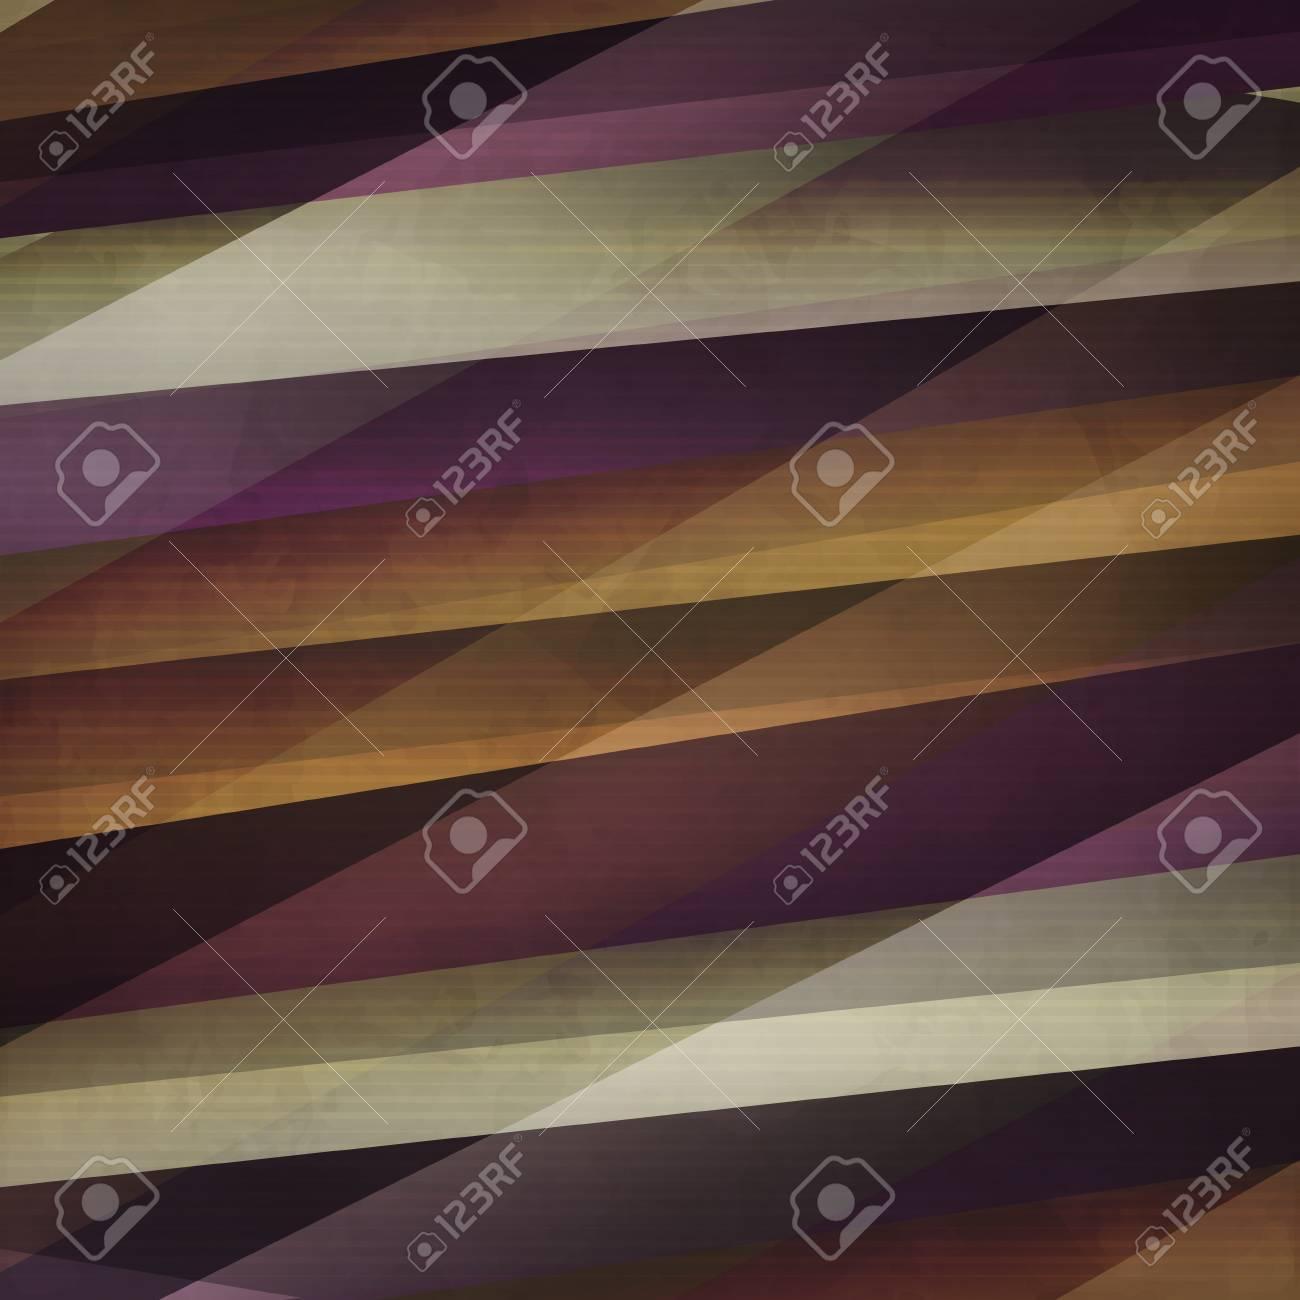 Carta Da Parati A Strisce Colorate.Nuovo Sfondo Astratto Con Strisce Colorate Puo Usare Come Carta Da Parati Grunge